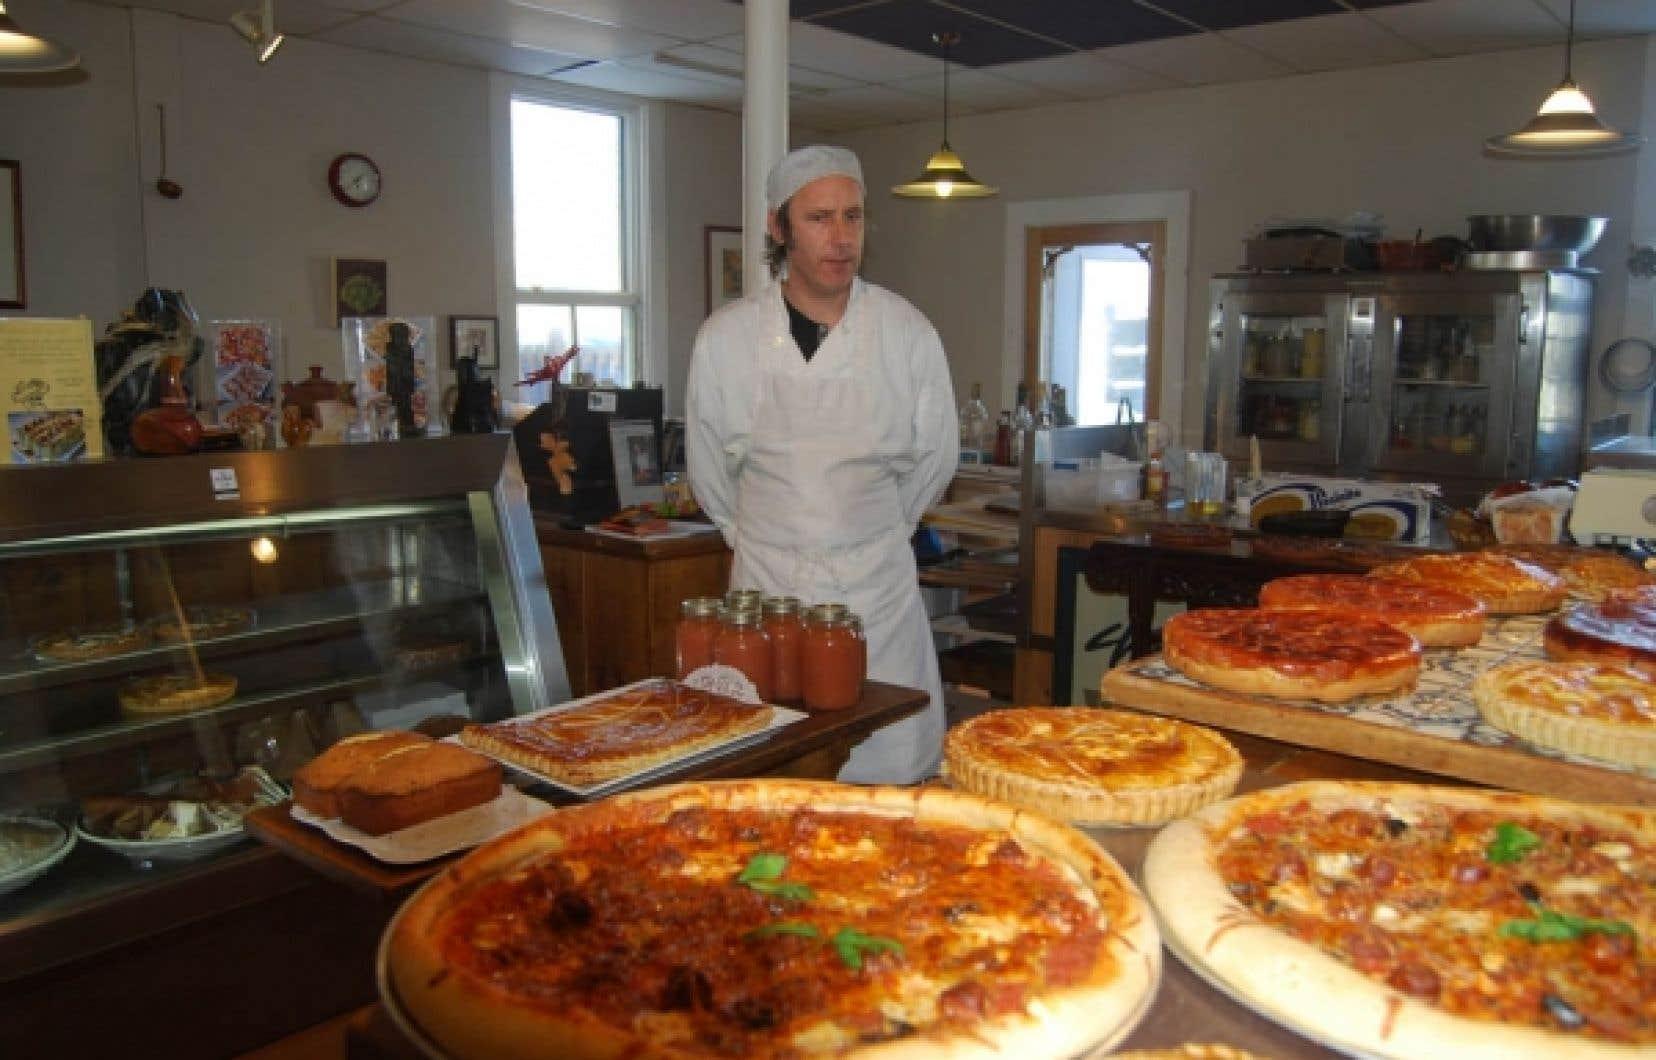 Le chef de l&rsquo;Atelier Bouffe sert des p&acirc;tisseries cuites au beurre, des tartes alsaciennes et tatins, ainsi que des pizzas. <br />